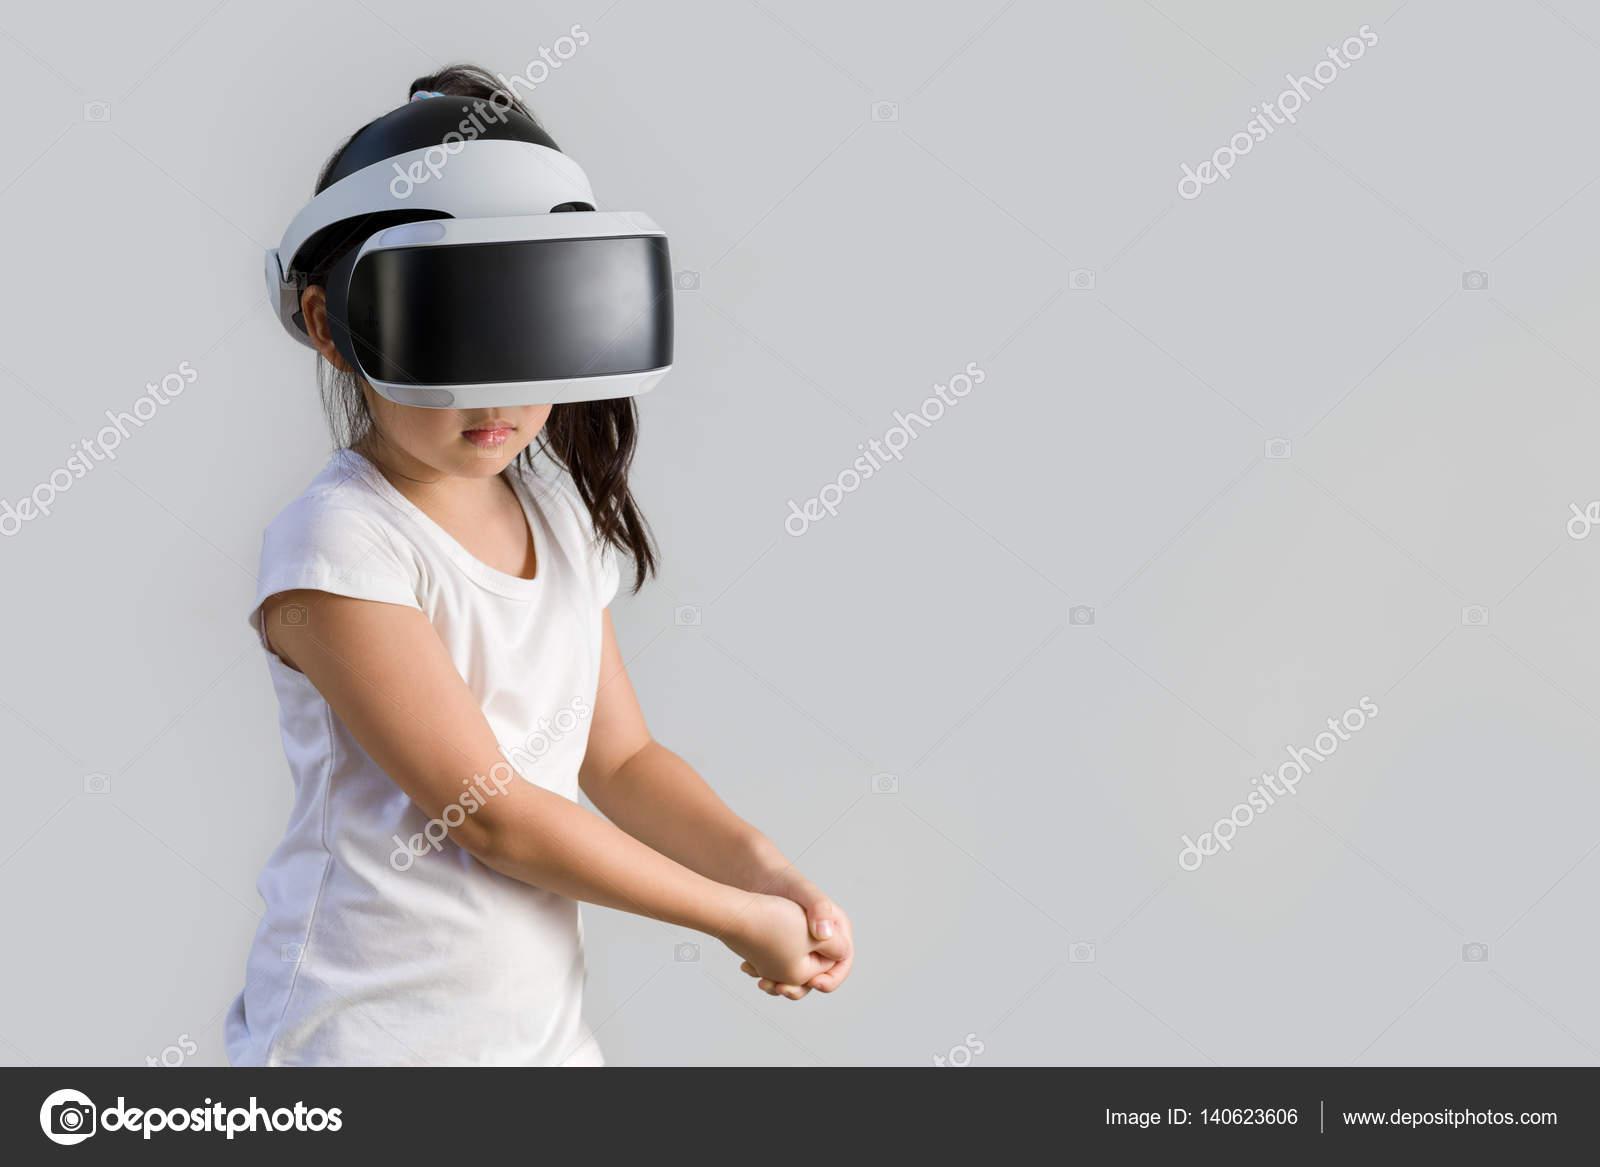 Gyerek és a virtuális valóság 0c49d18cd0